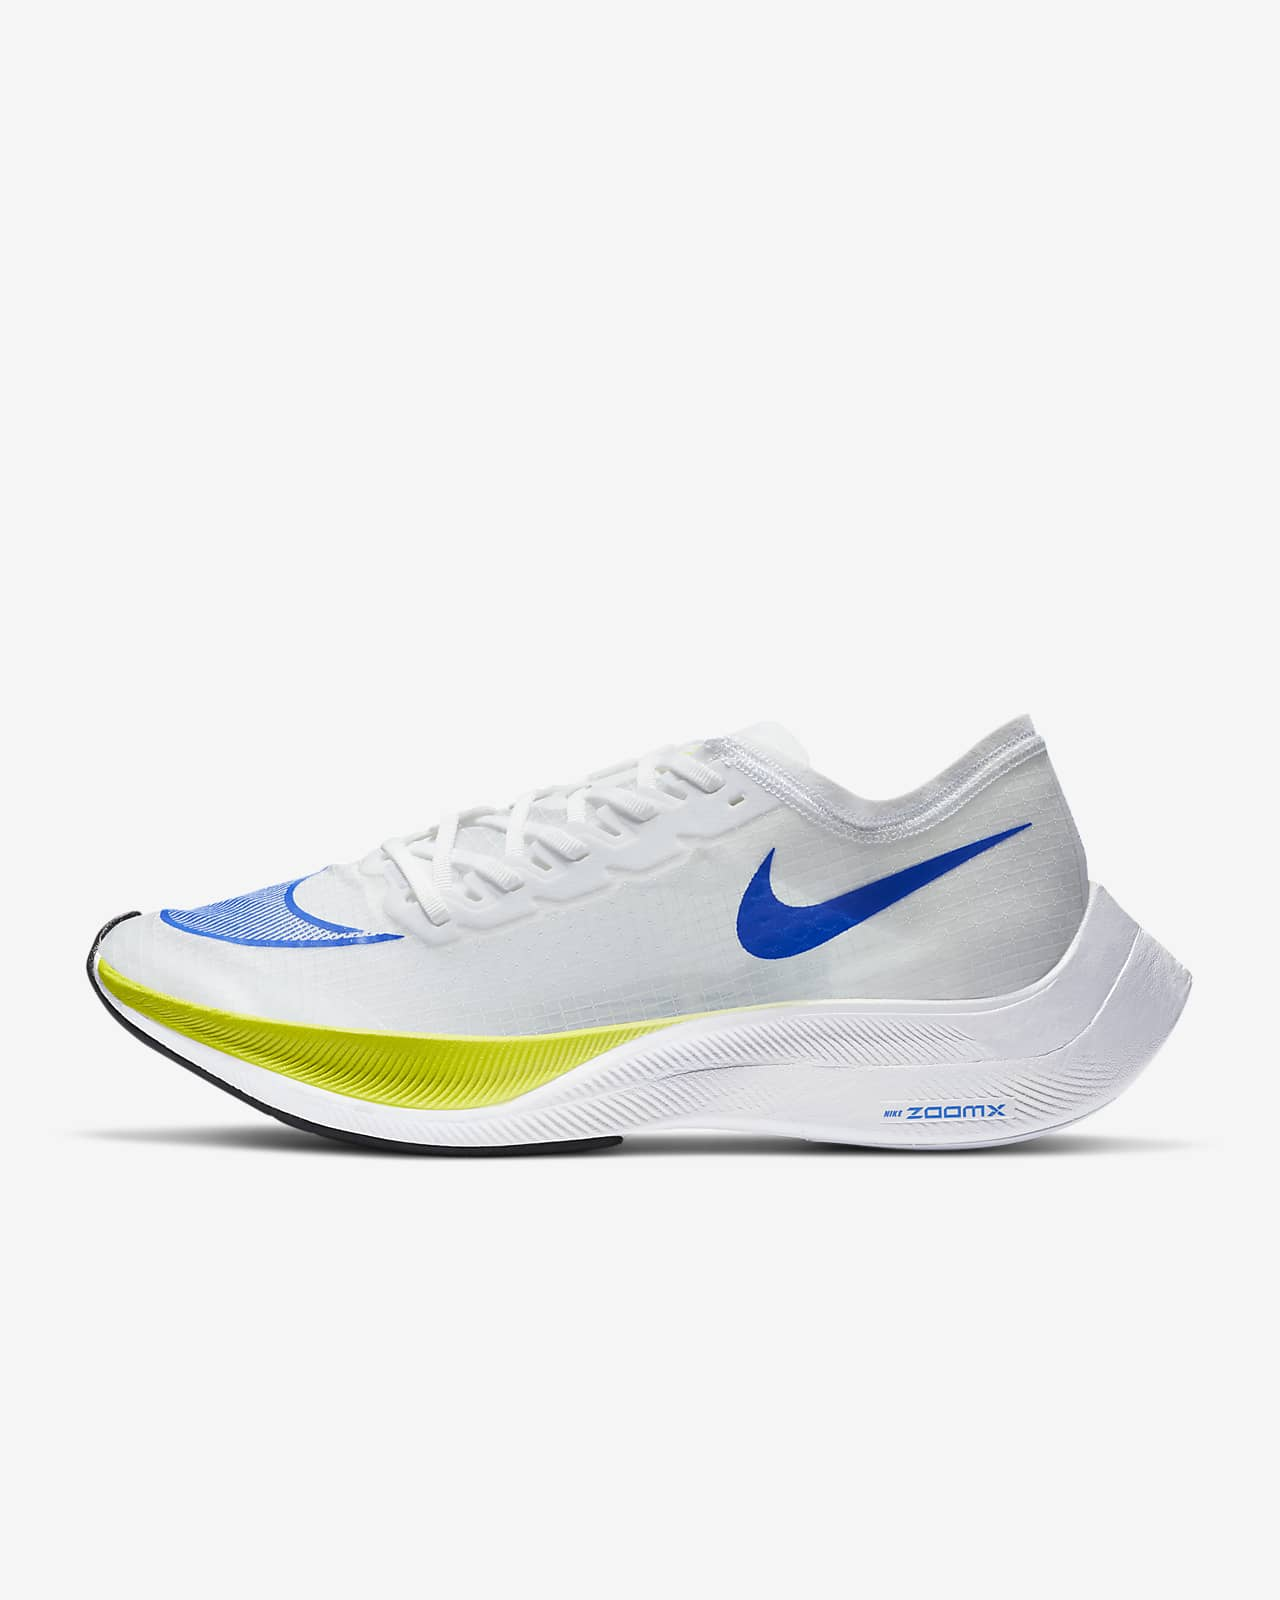 Chaussure de running Nike ZoomX Vaporfly NEXT%